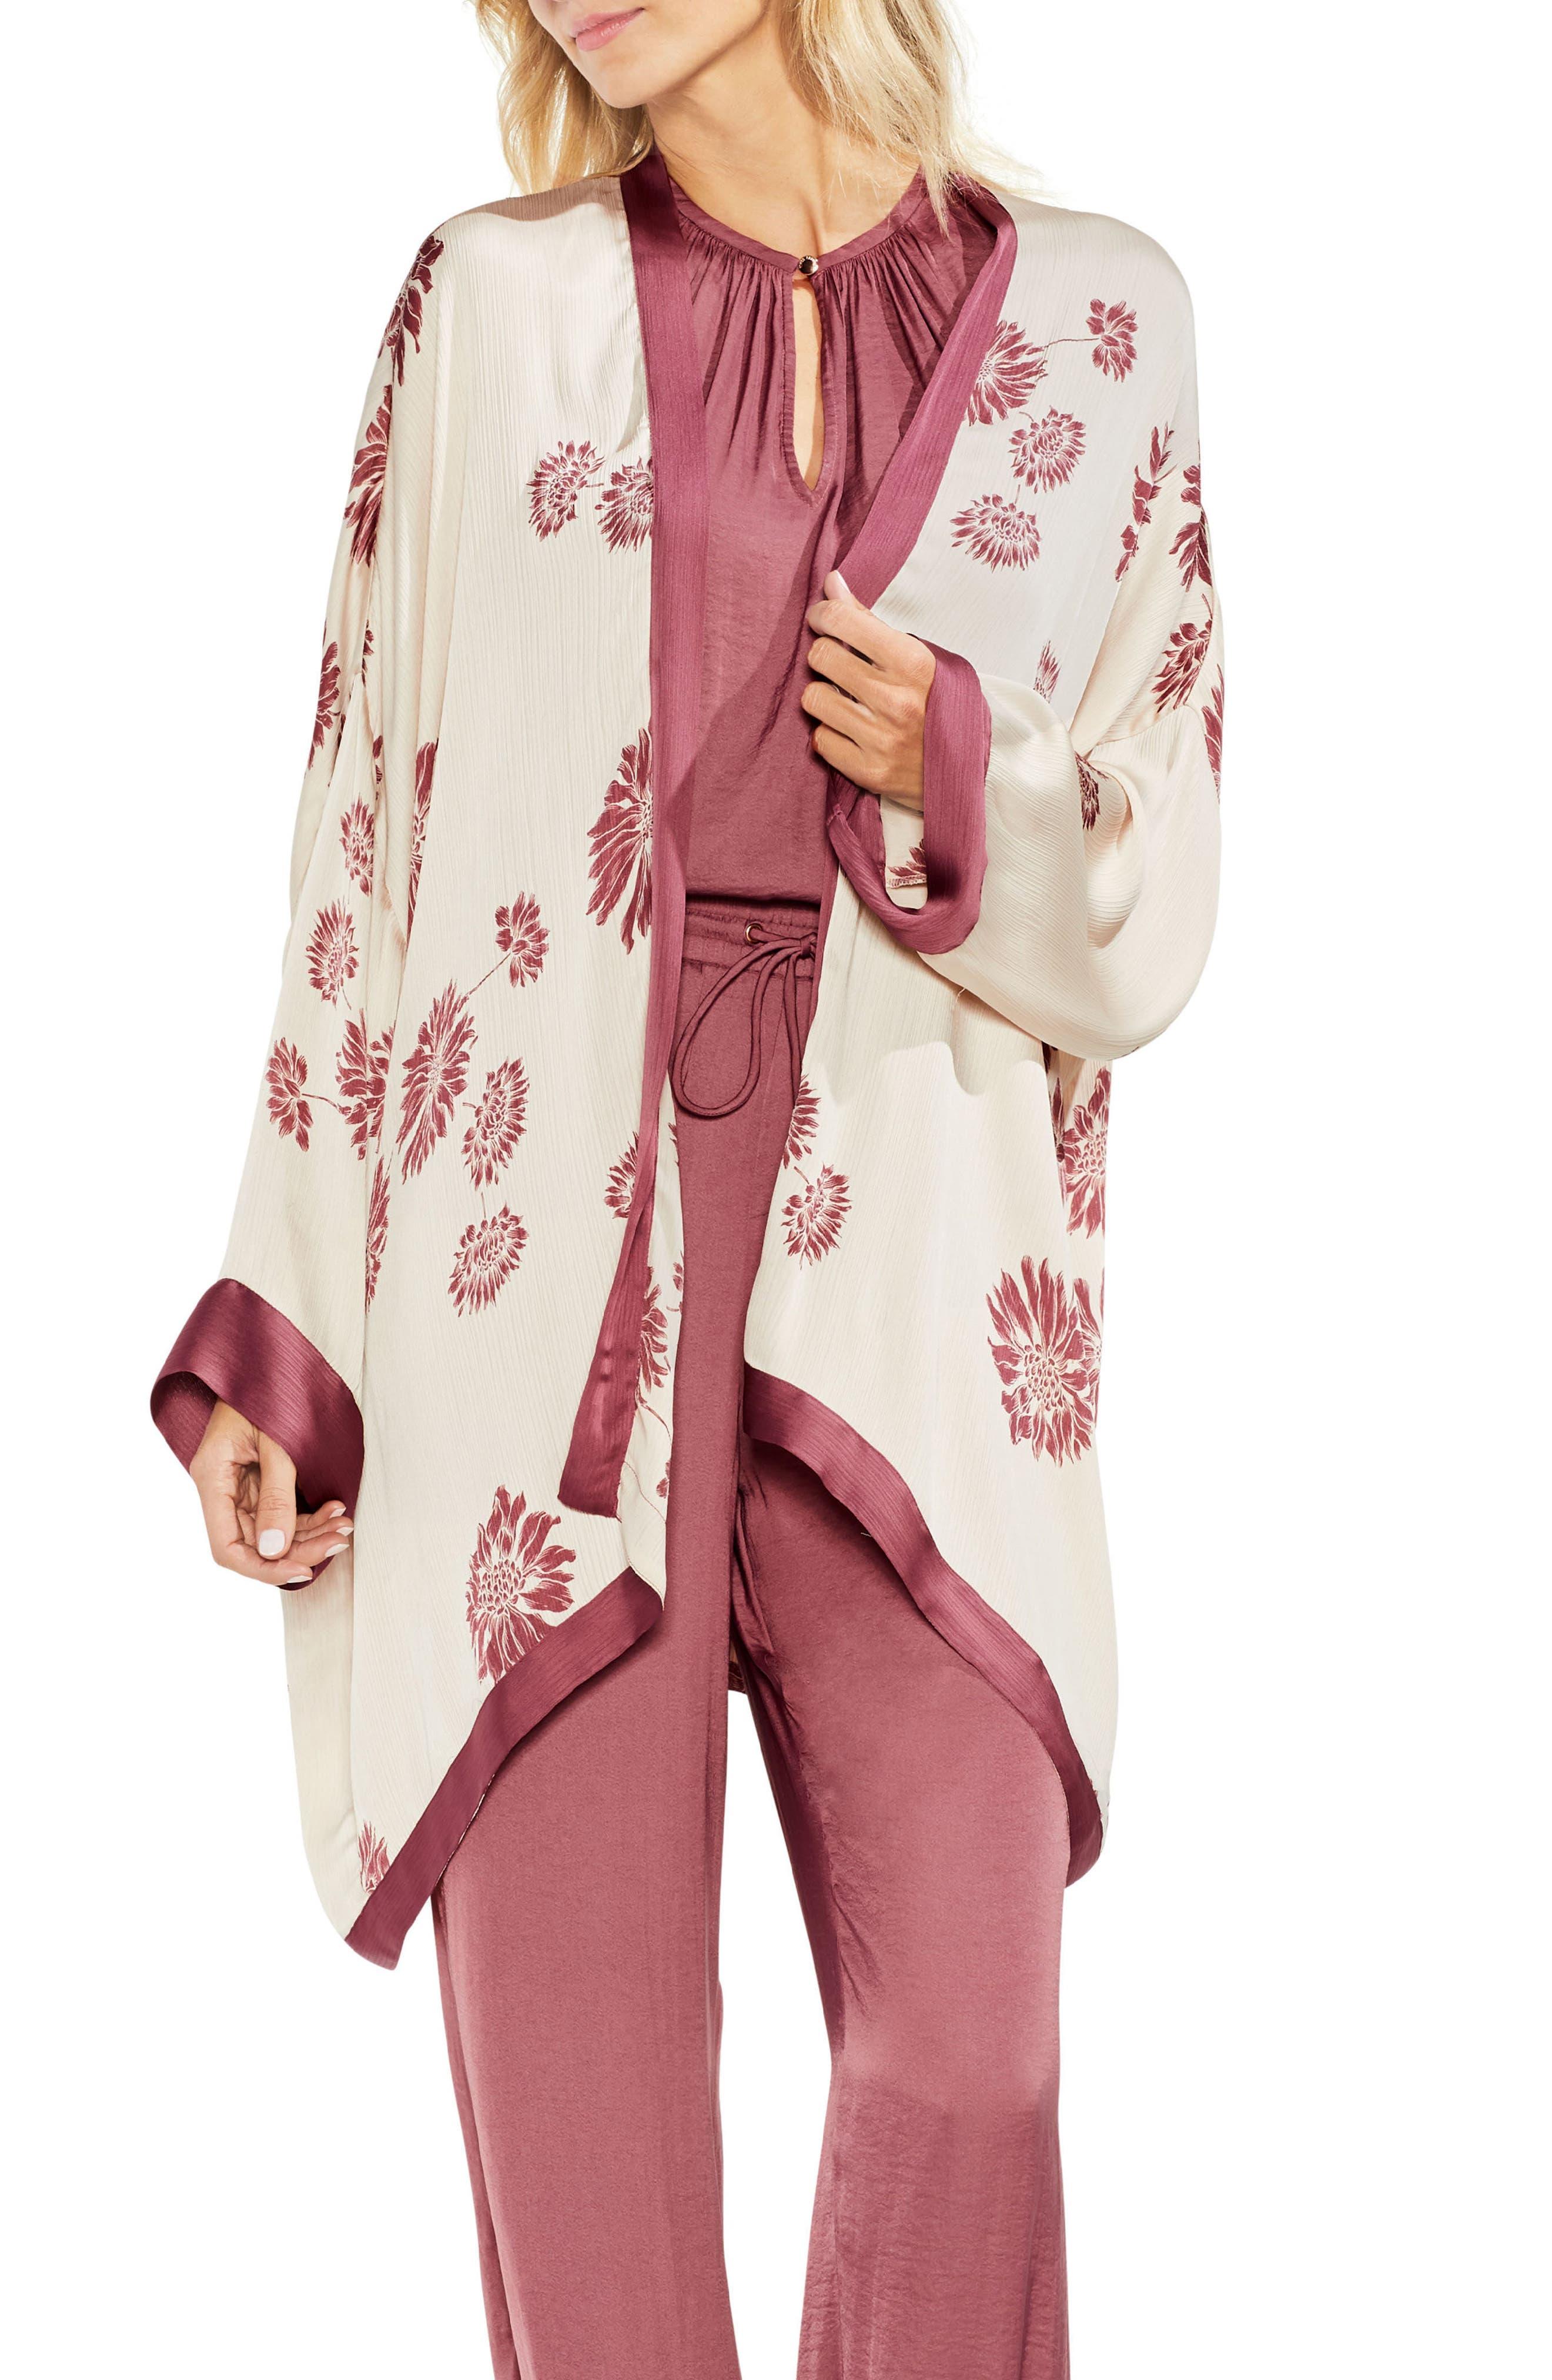 Chateau Sketch Floral Kimono,                         Main,                         color, Rich Cream